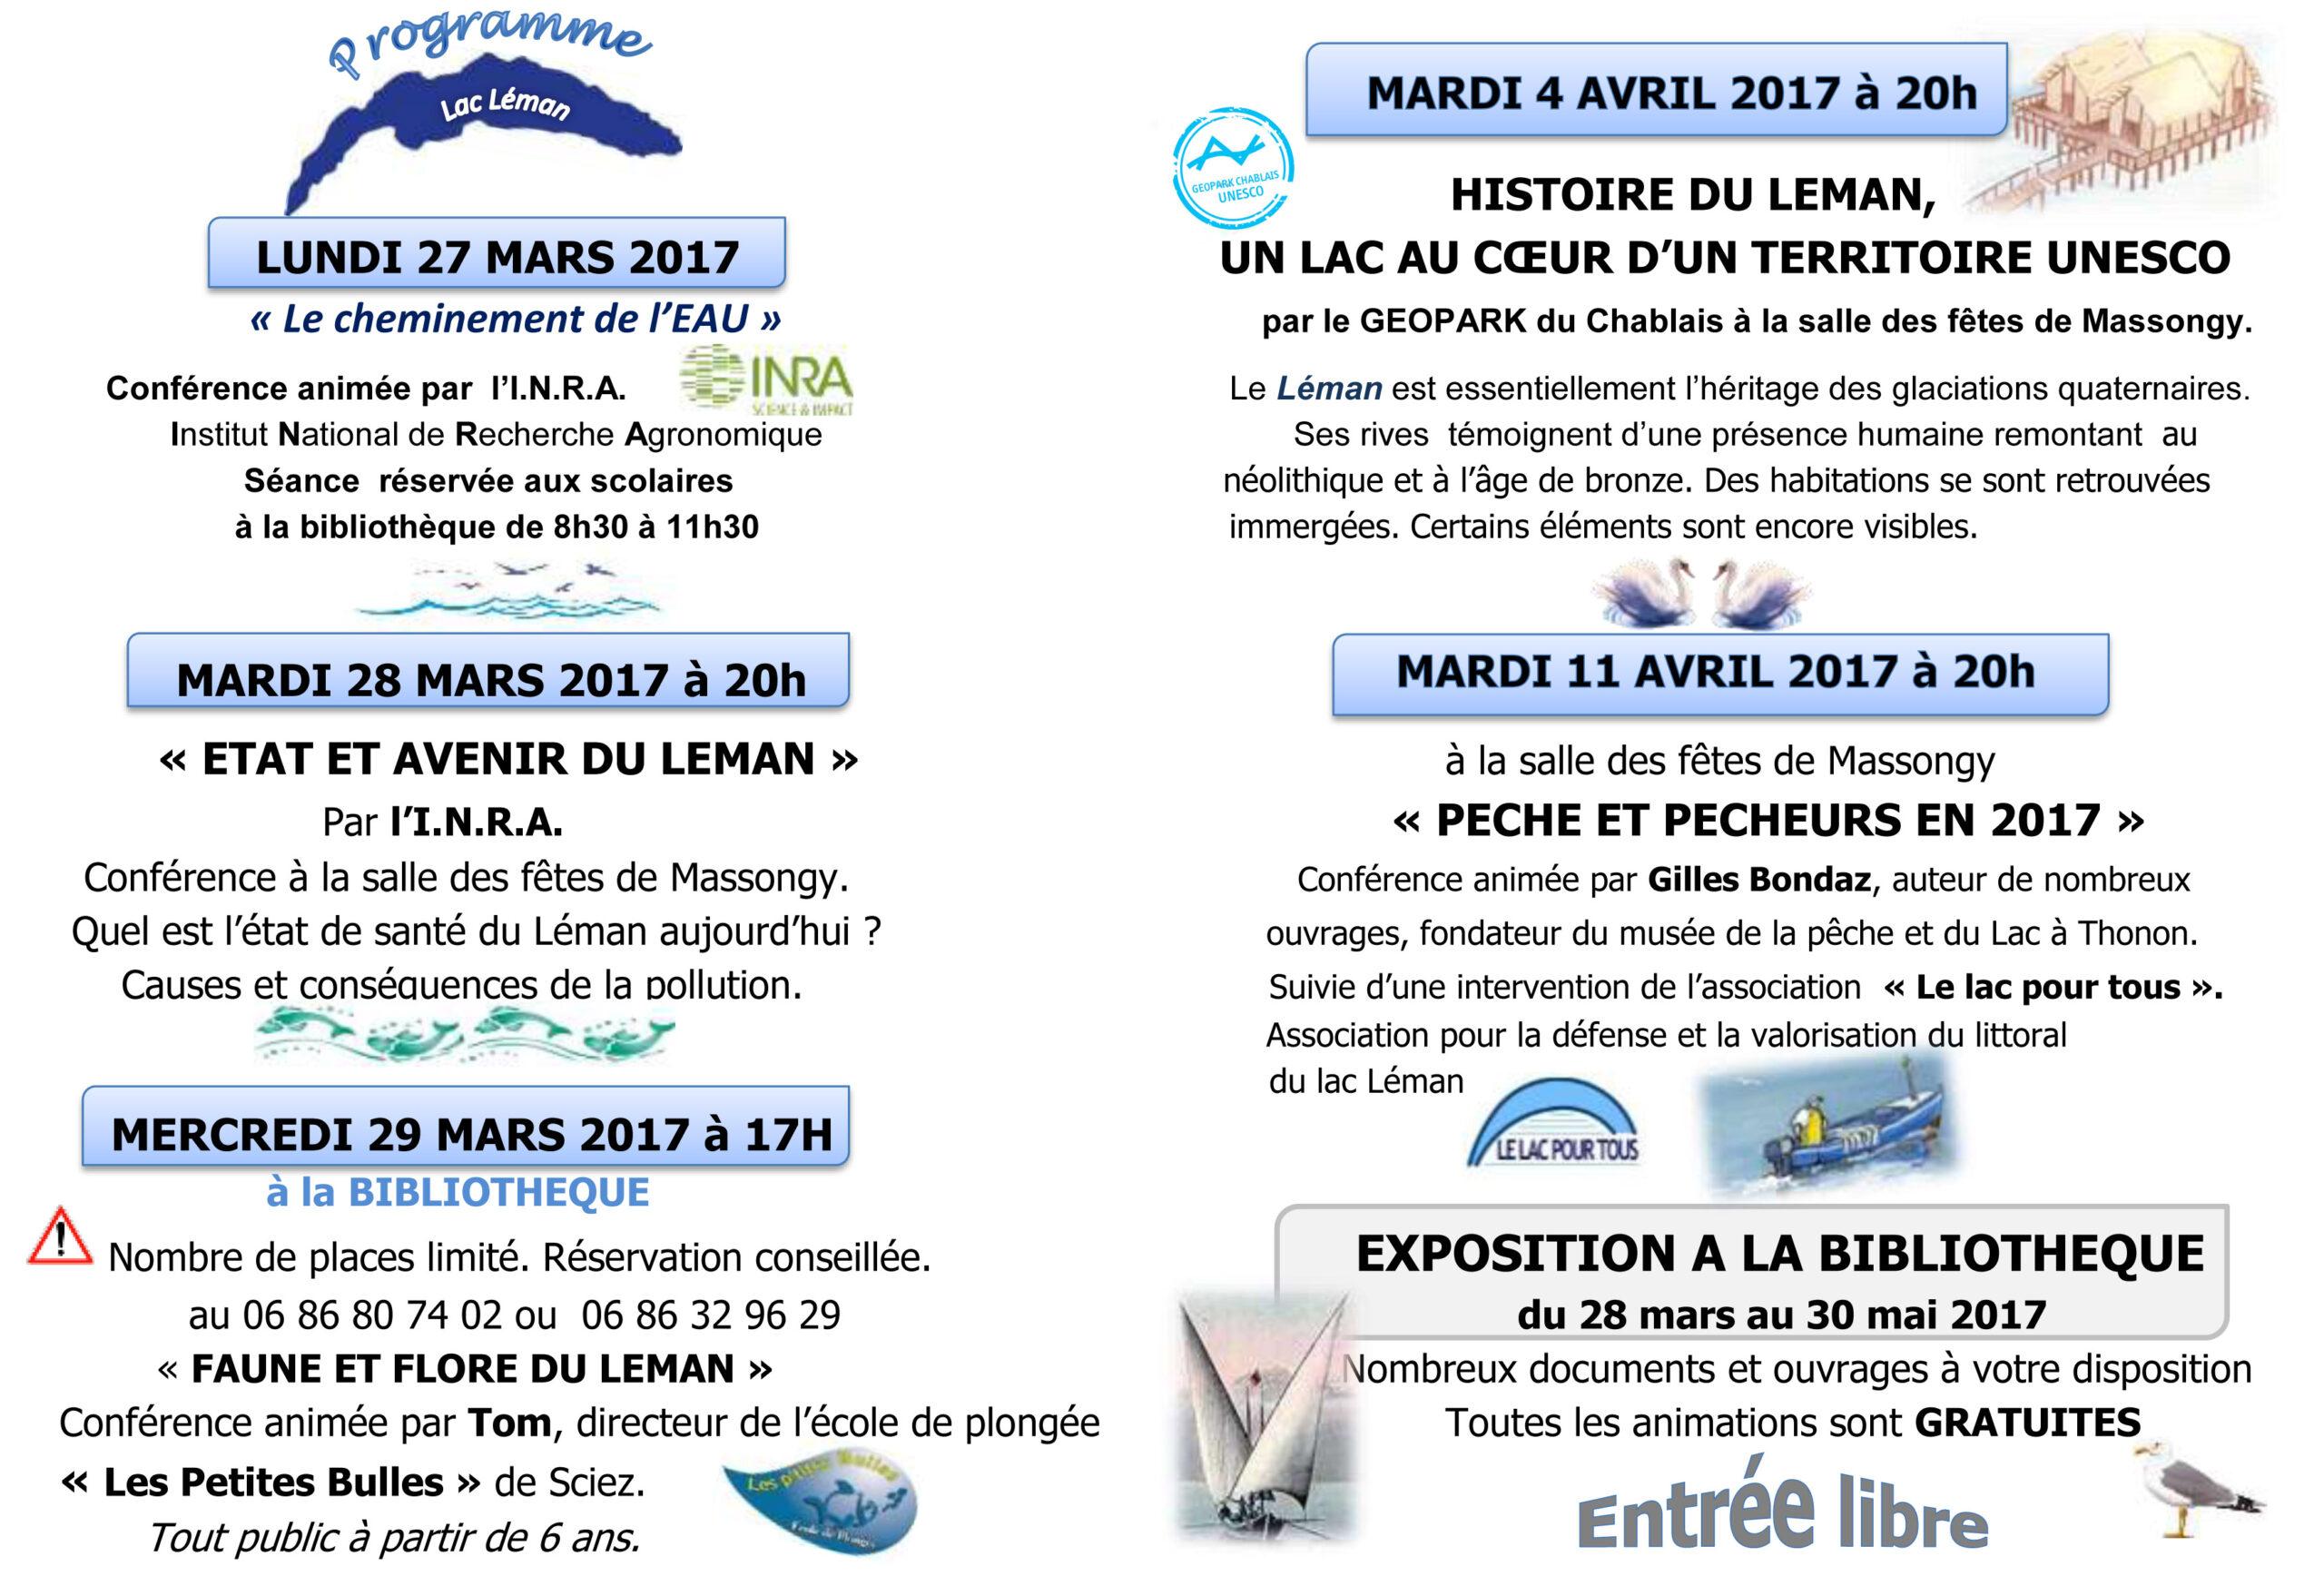 programme expo léman massongy 2017